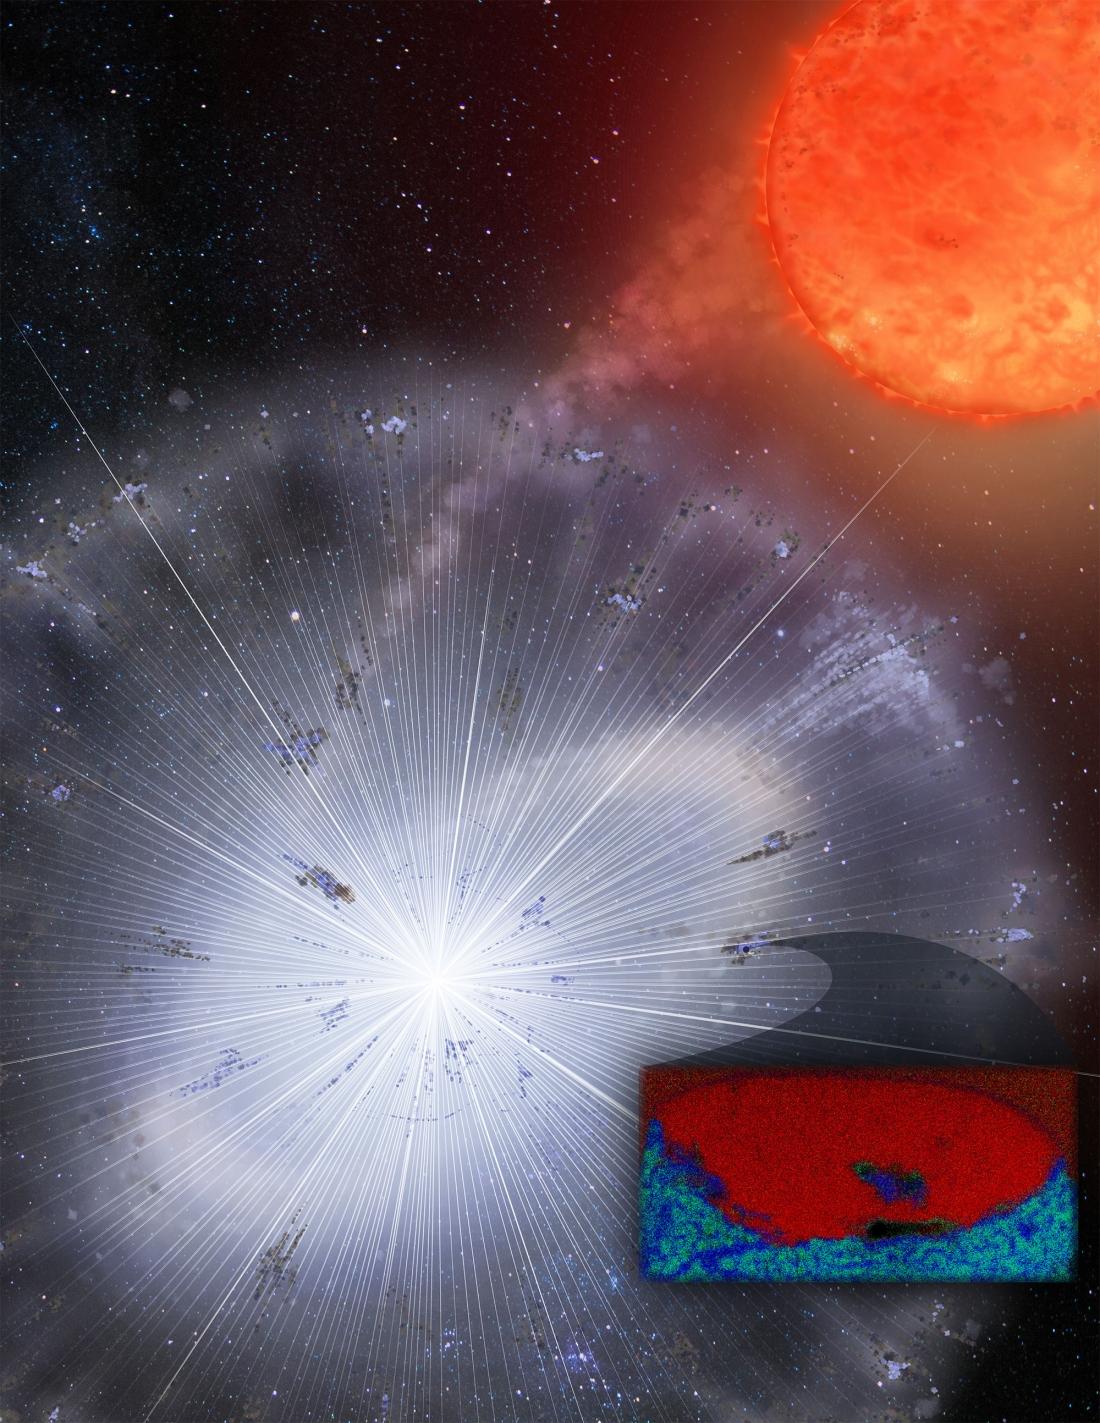 Recreació, realitzada per la Universitat d'Arizona, d'una explosió estel·lar. En el material expulsat es formen  grans de pols (imatge del requadre) amb composicions isotòpiques que no es troben en el nostre sistema solar.